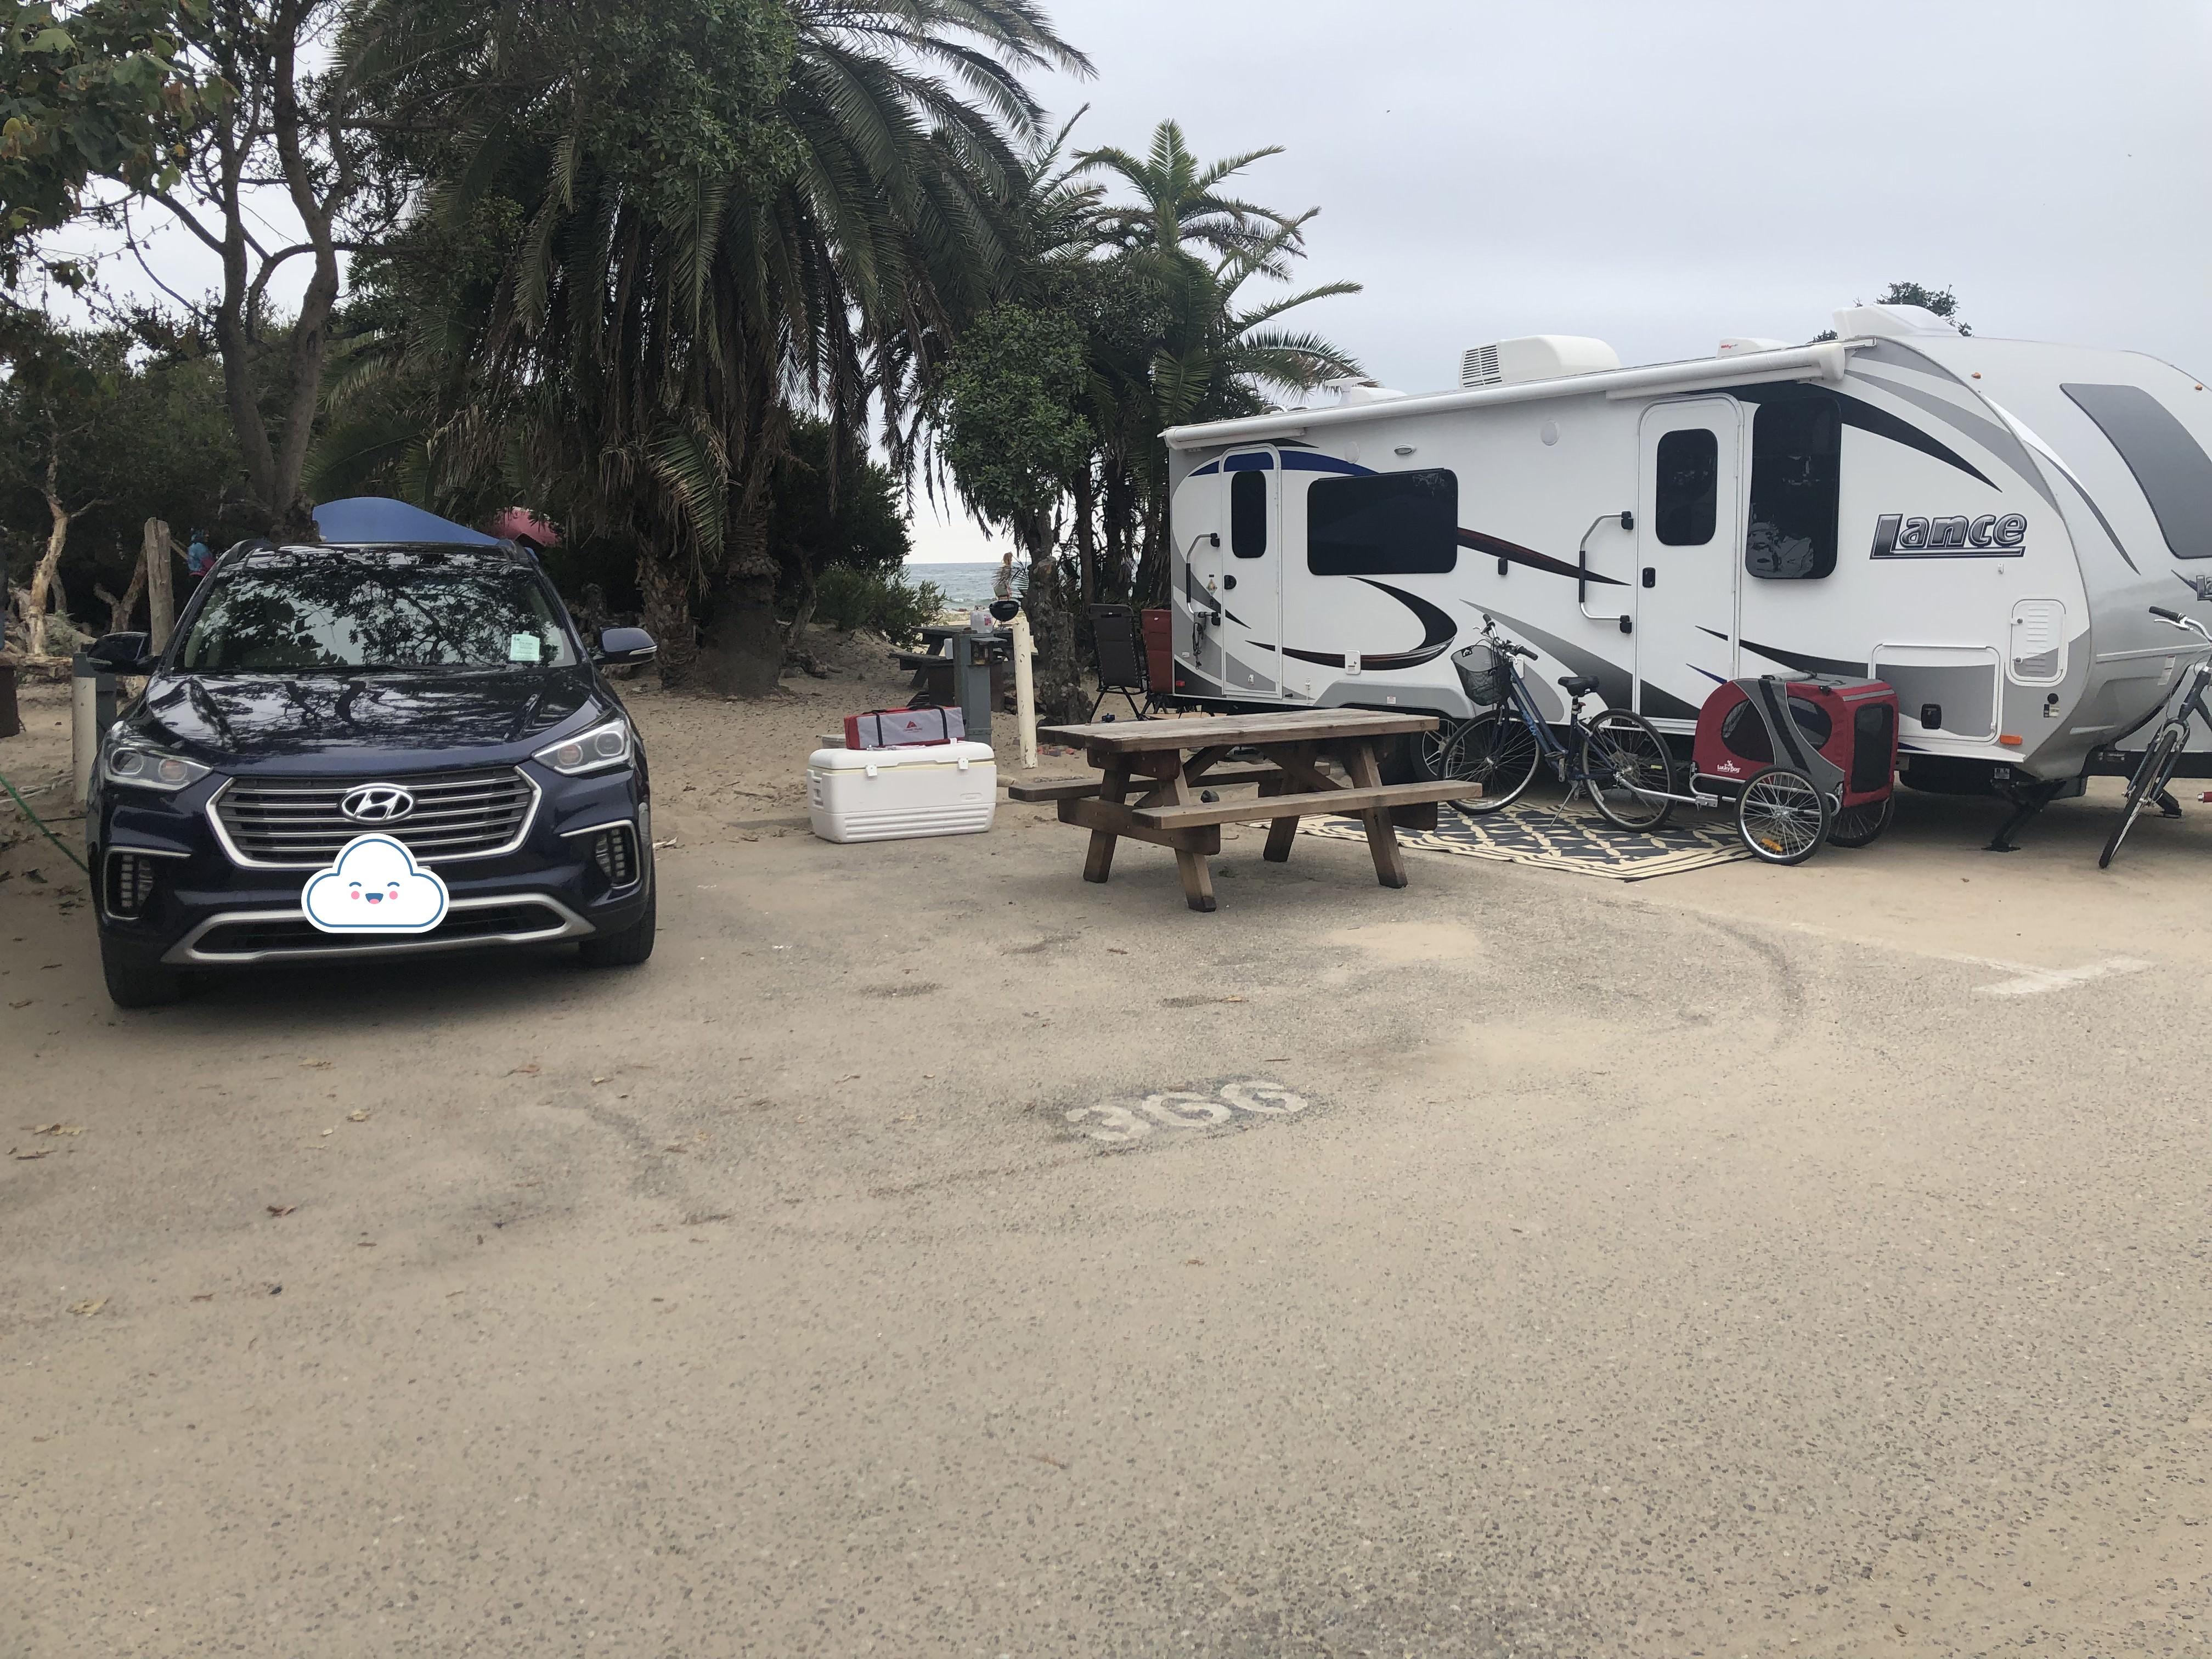 Carpinteria State Beach Campground Carpinteria